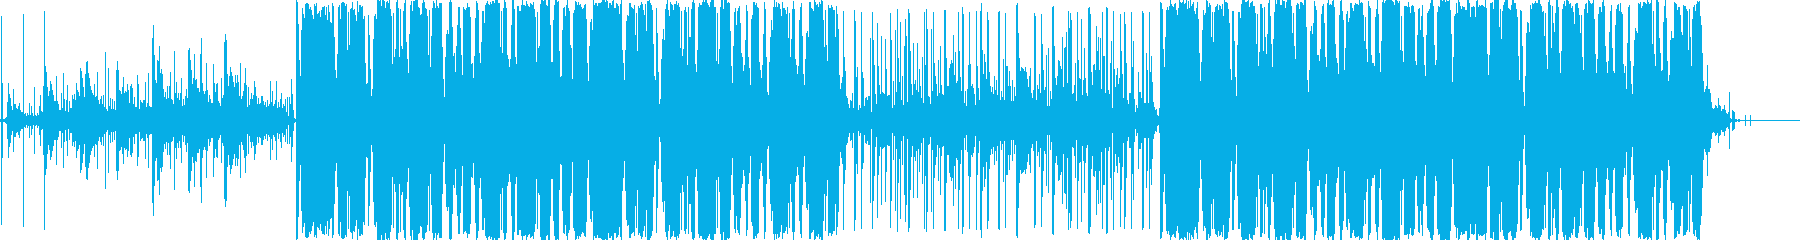 お天気雨をイメージしたLo-Fiの再生済みの波形